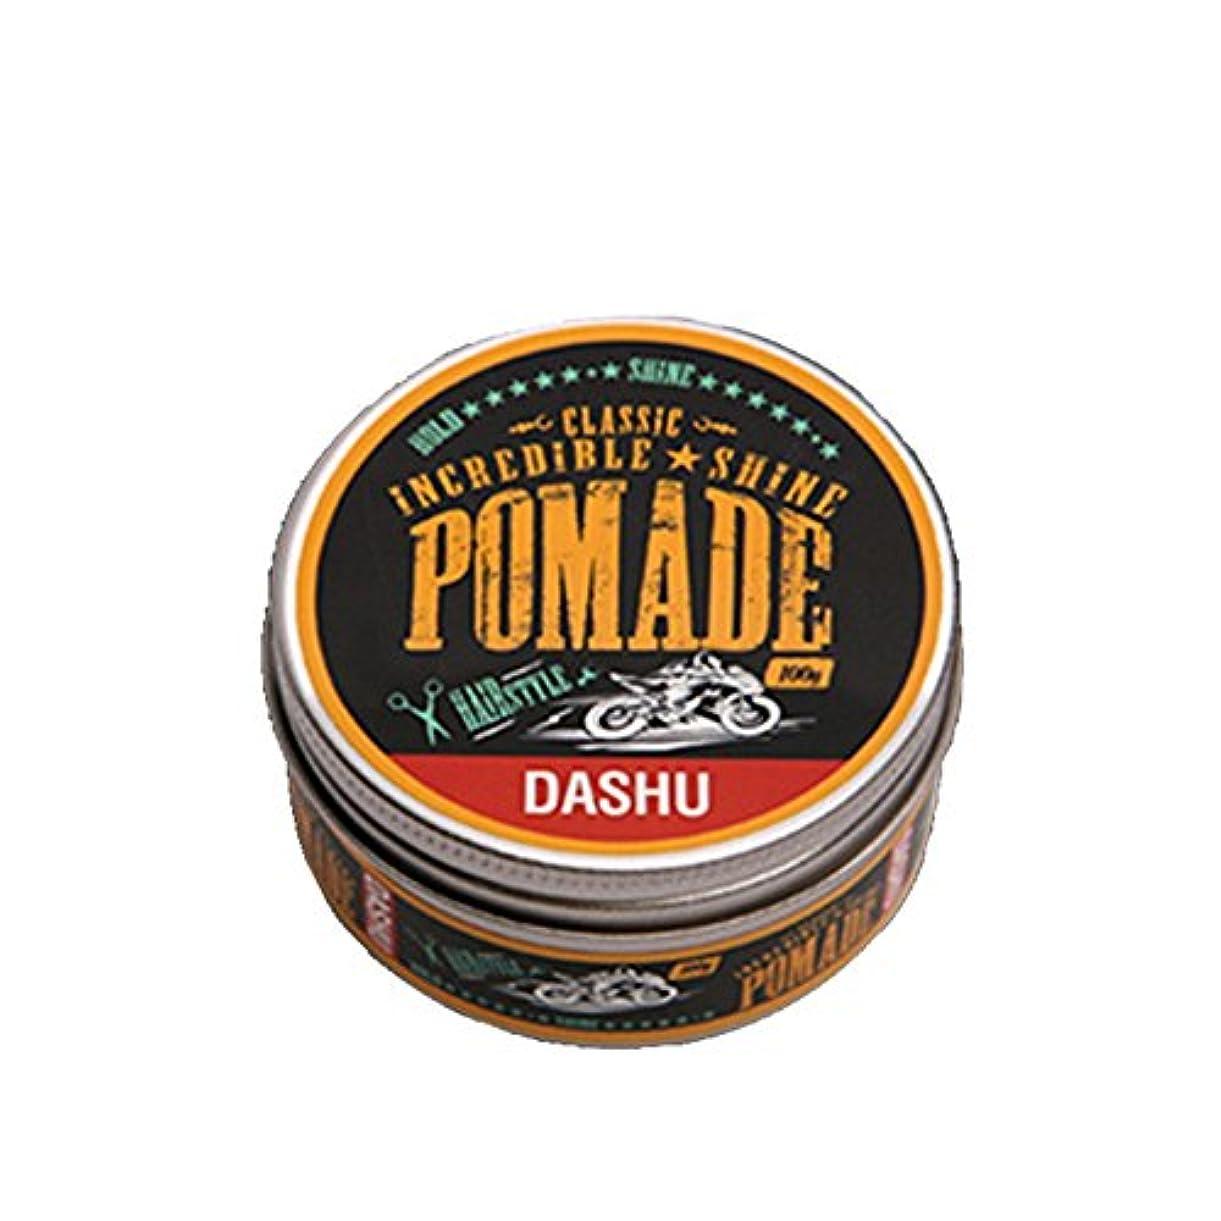 水銀の細心のつぼみ[DASHU] ダシュ クラシック 信じられないほどの輝き ポマードワックス Classic Incredible Shine Pomade Hair Wax 100ml / 韓国製 . 韓国直送品